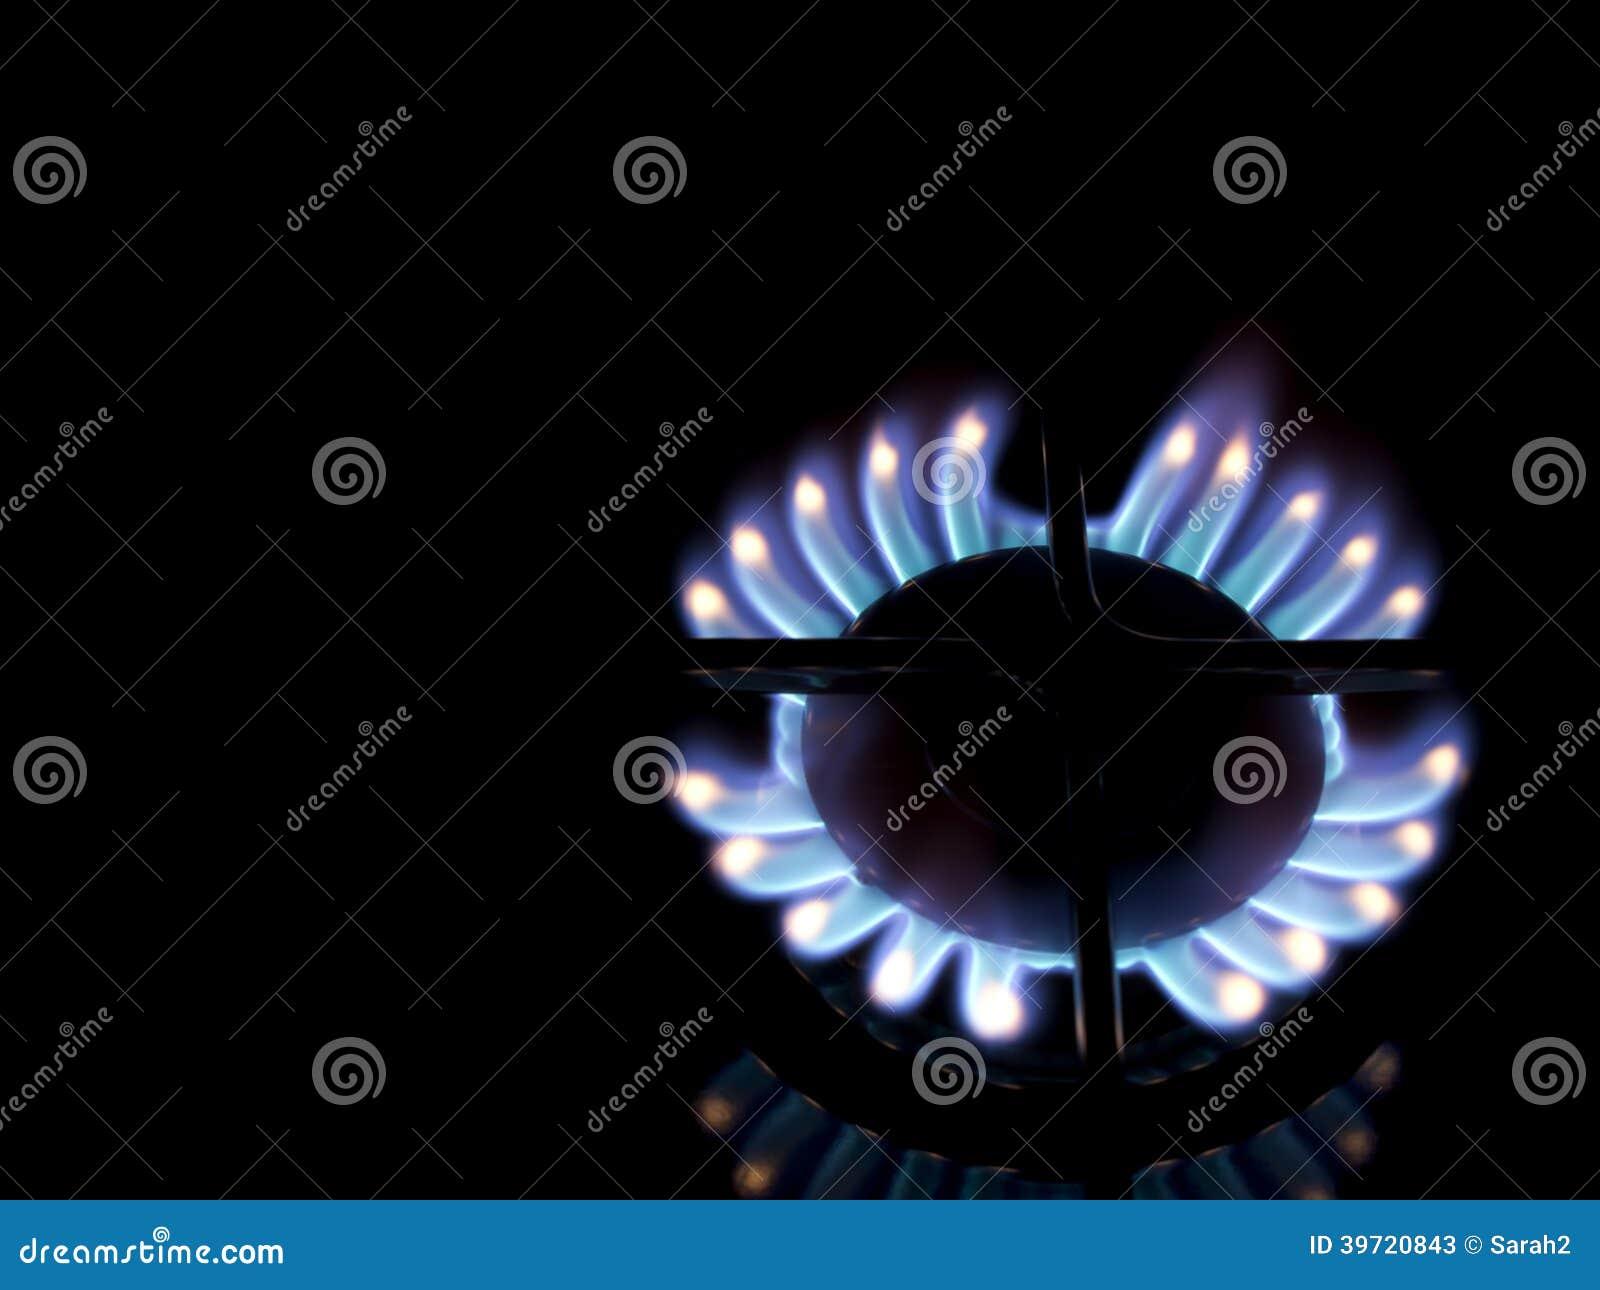 Llama de la cocina de gas hotplate fondo negro imagen for Llama en la cocina